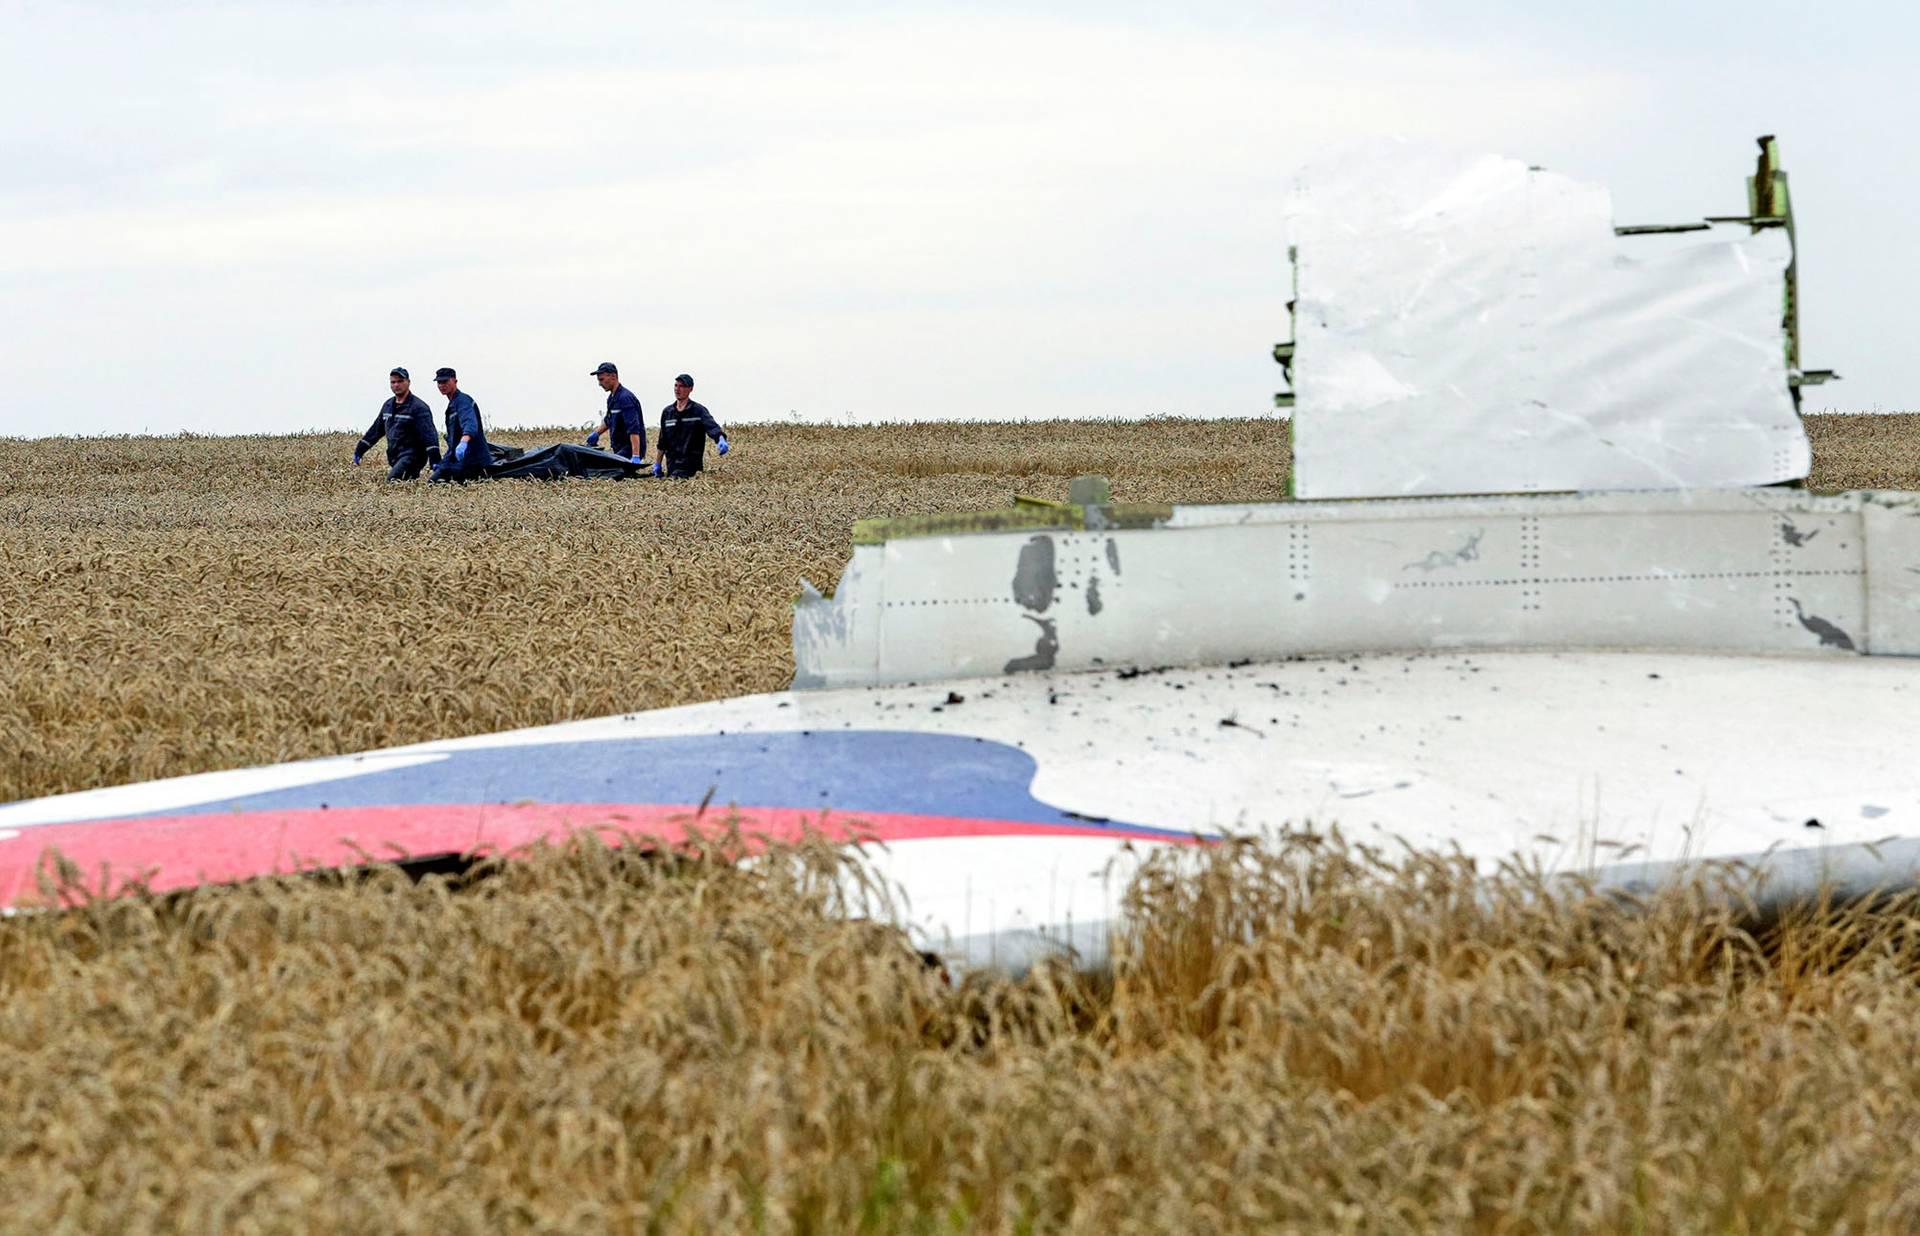 Рятувальники ДСНС проводять пошукові роботи у полі серед уламків літака рейсу MH17 Малайзійських авіаліній, збитого над Донбасом російською ракетою «Бук»